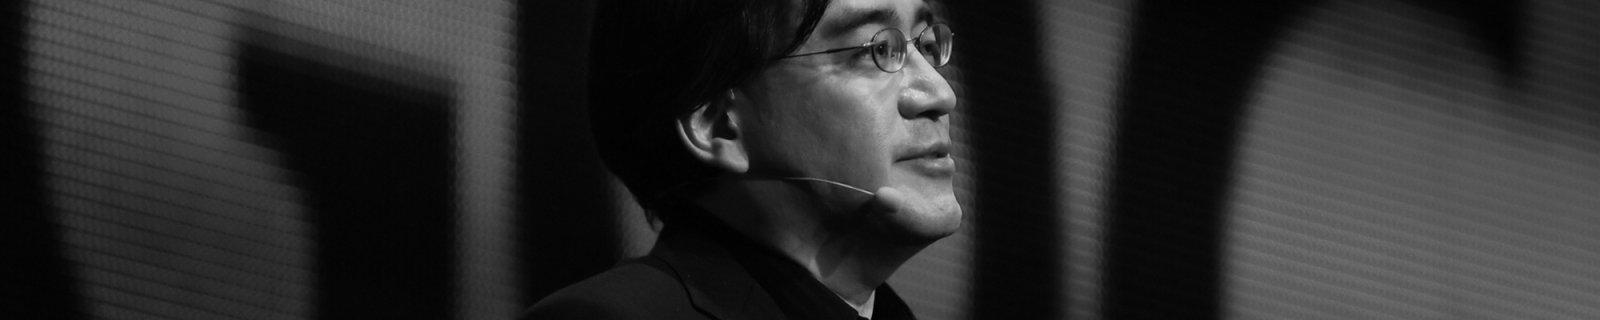 岩田聪因病去世